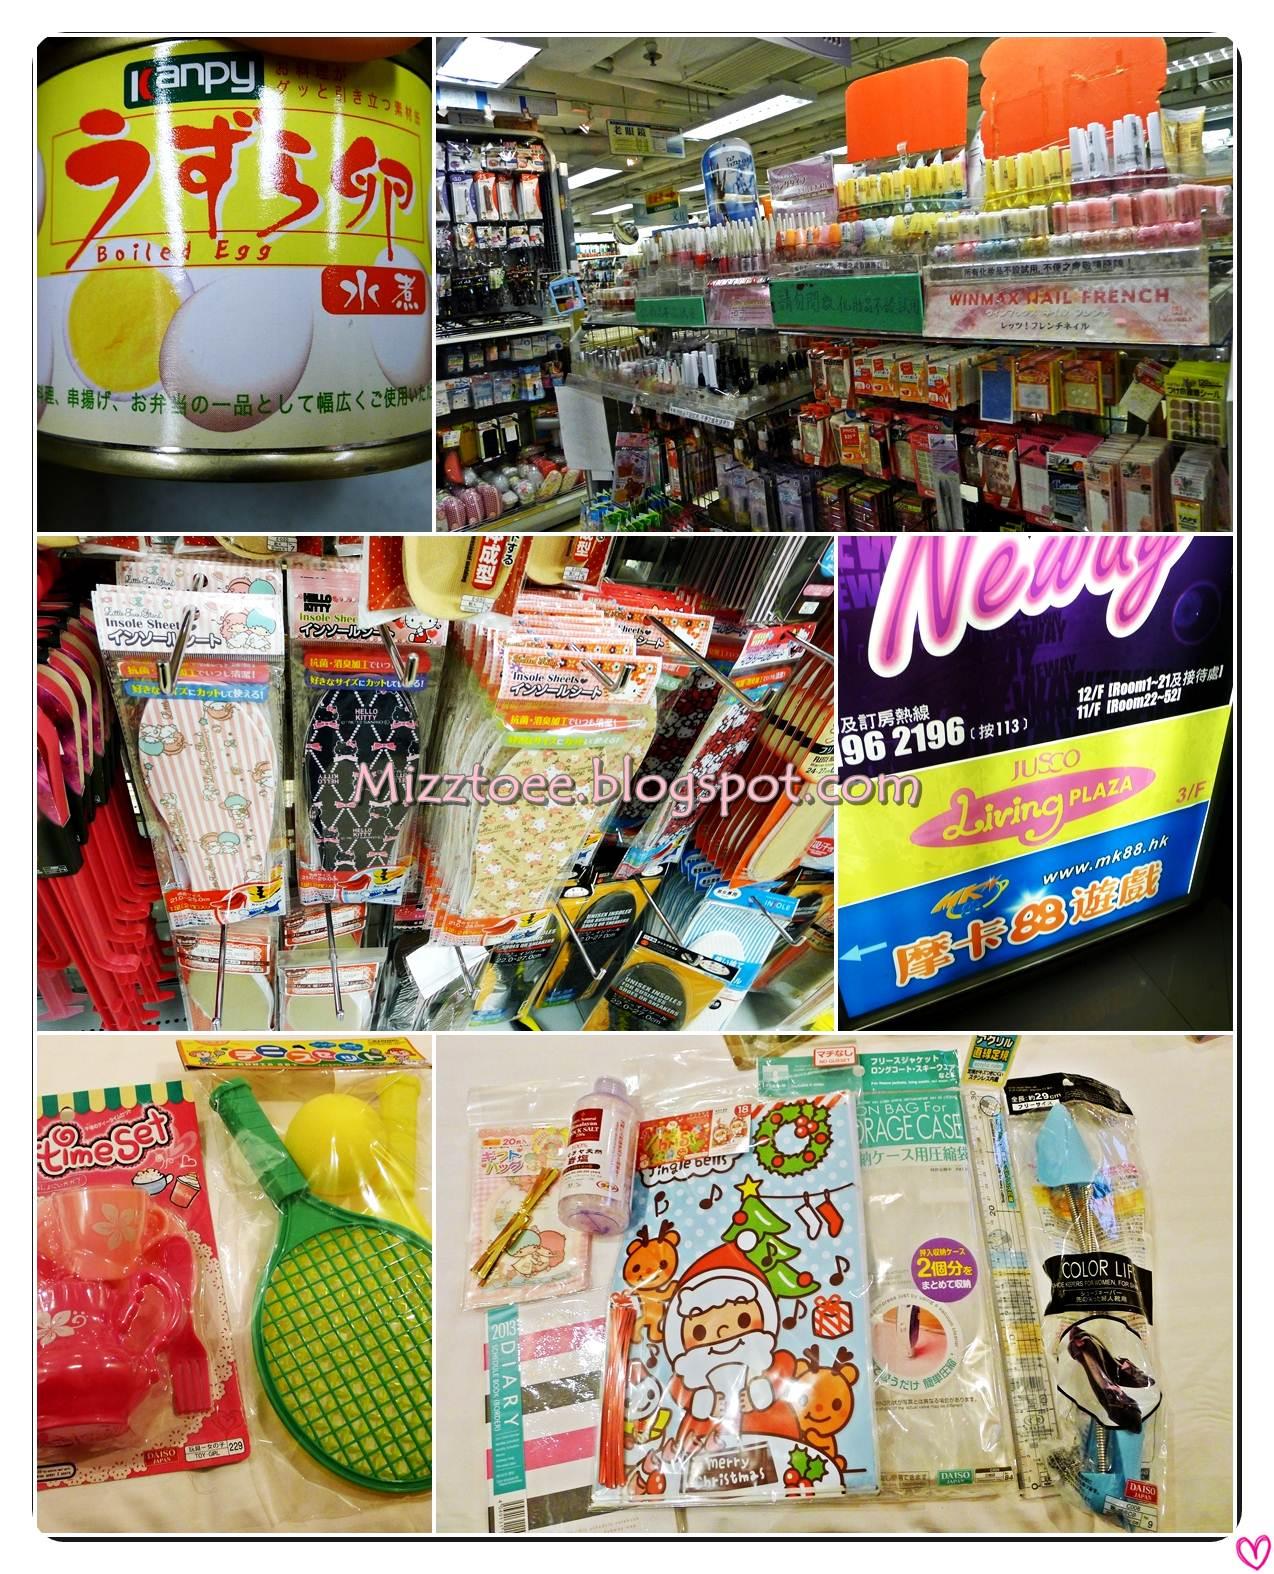 Fun Fun Fun: Hong kong : Jusco living and convenience store 7-11 and k circle